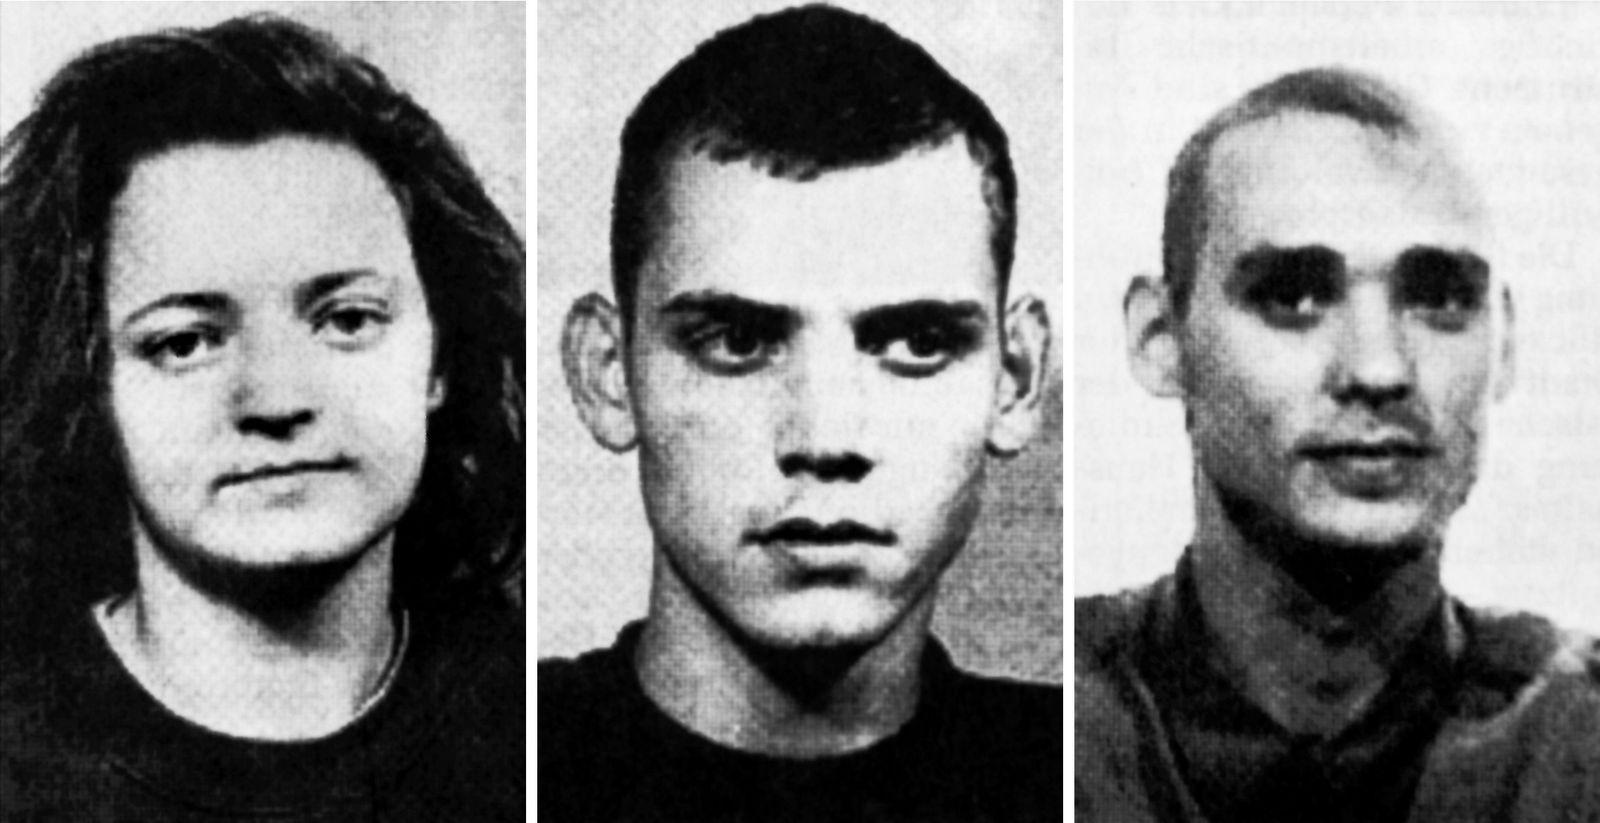 NICHT VERWENDEN Zwickau/ Ermittlungen/Extremismus/Mord/Rechtsextremismus/Terrorismus/Verfassungsschutz